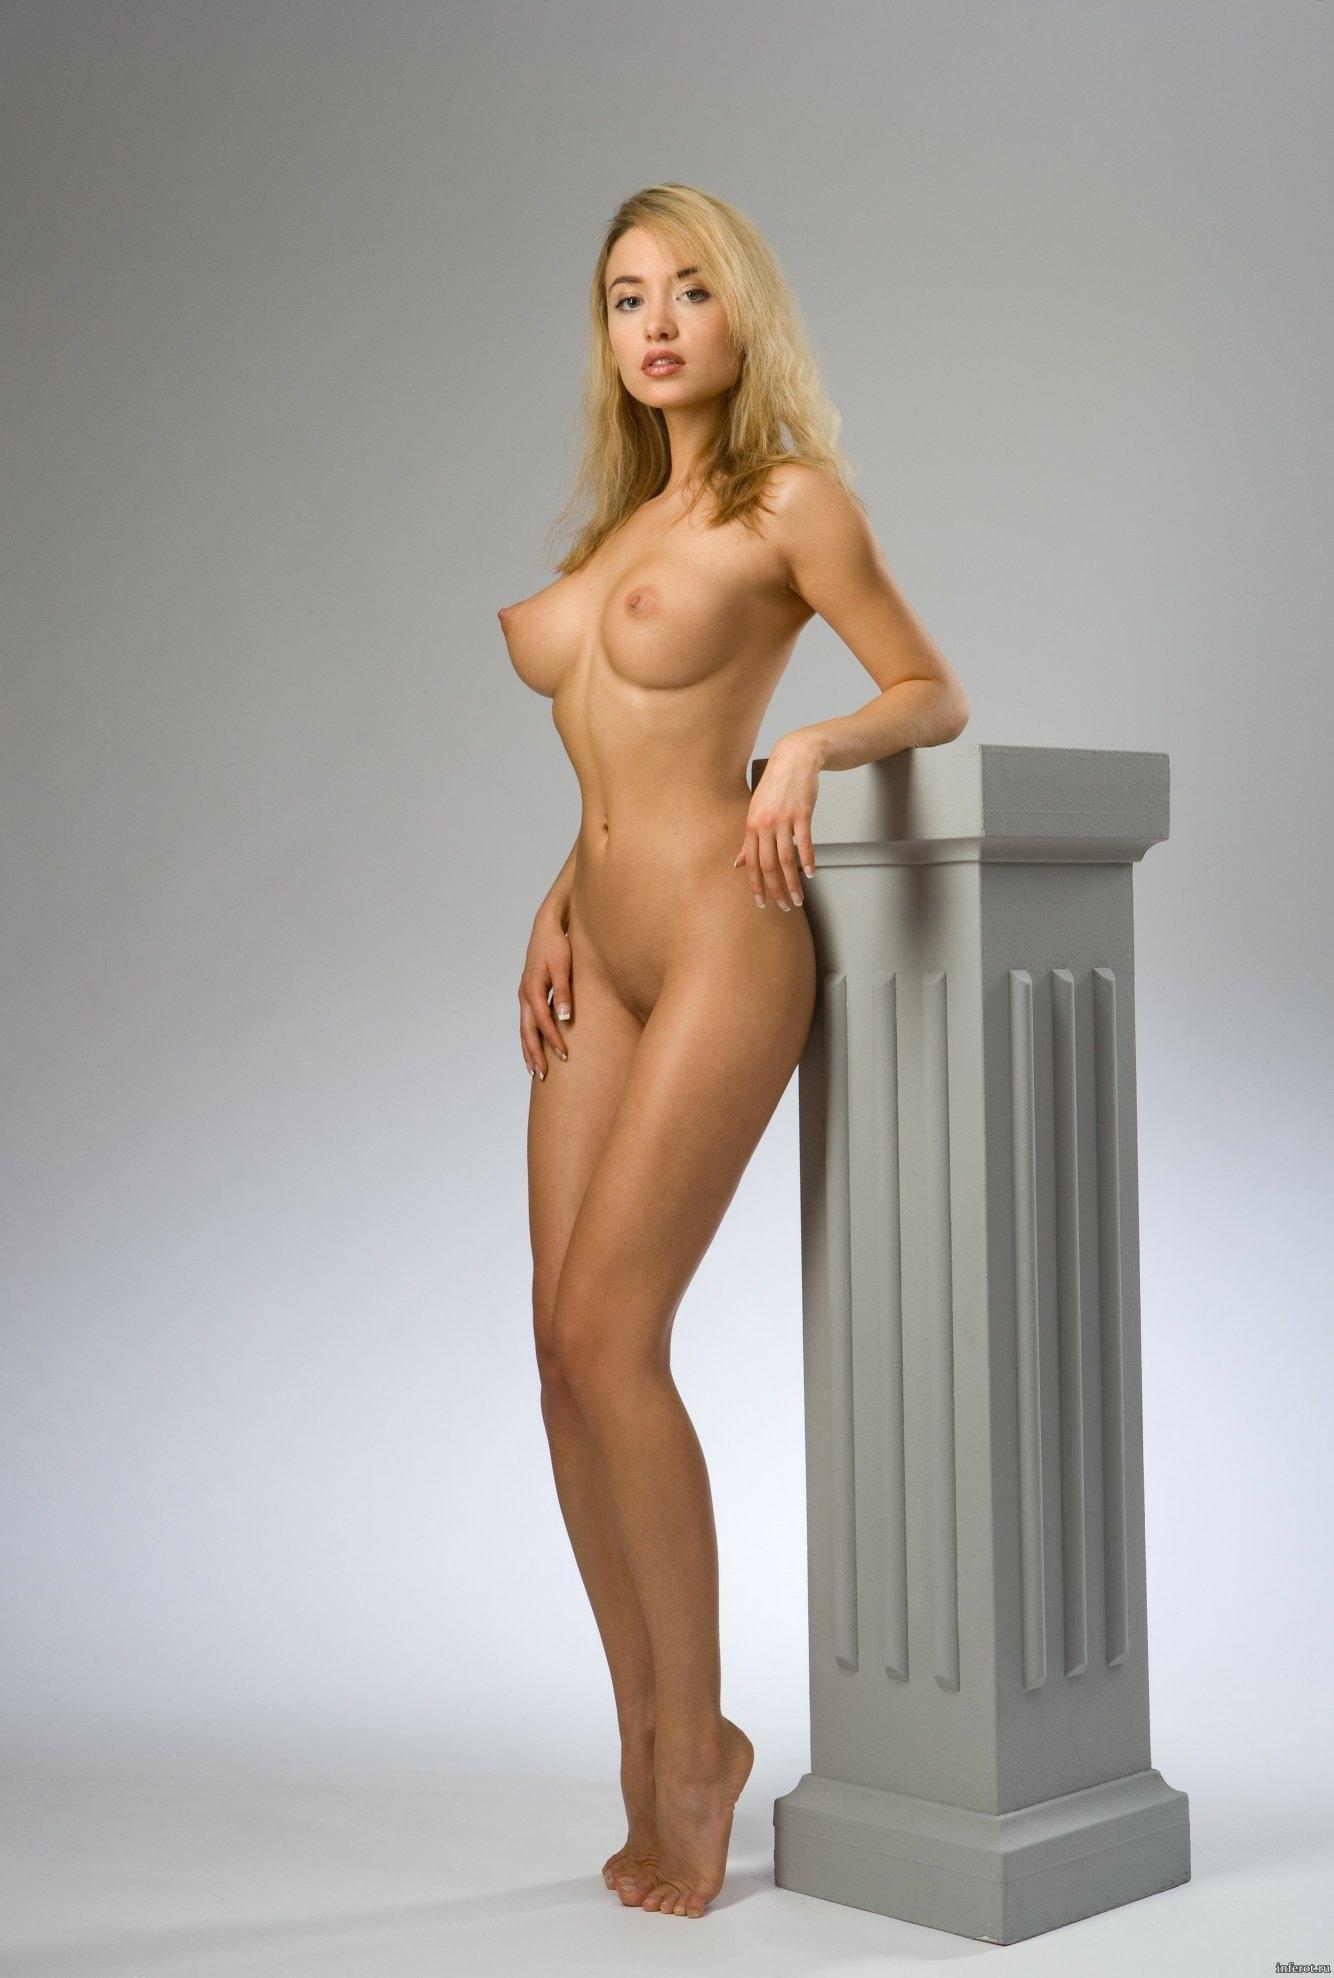 Голая девушка с упругой фигурой фото 730-854